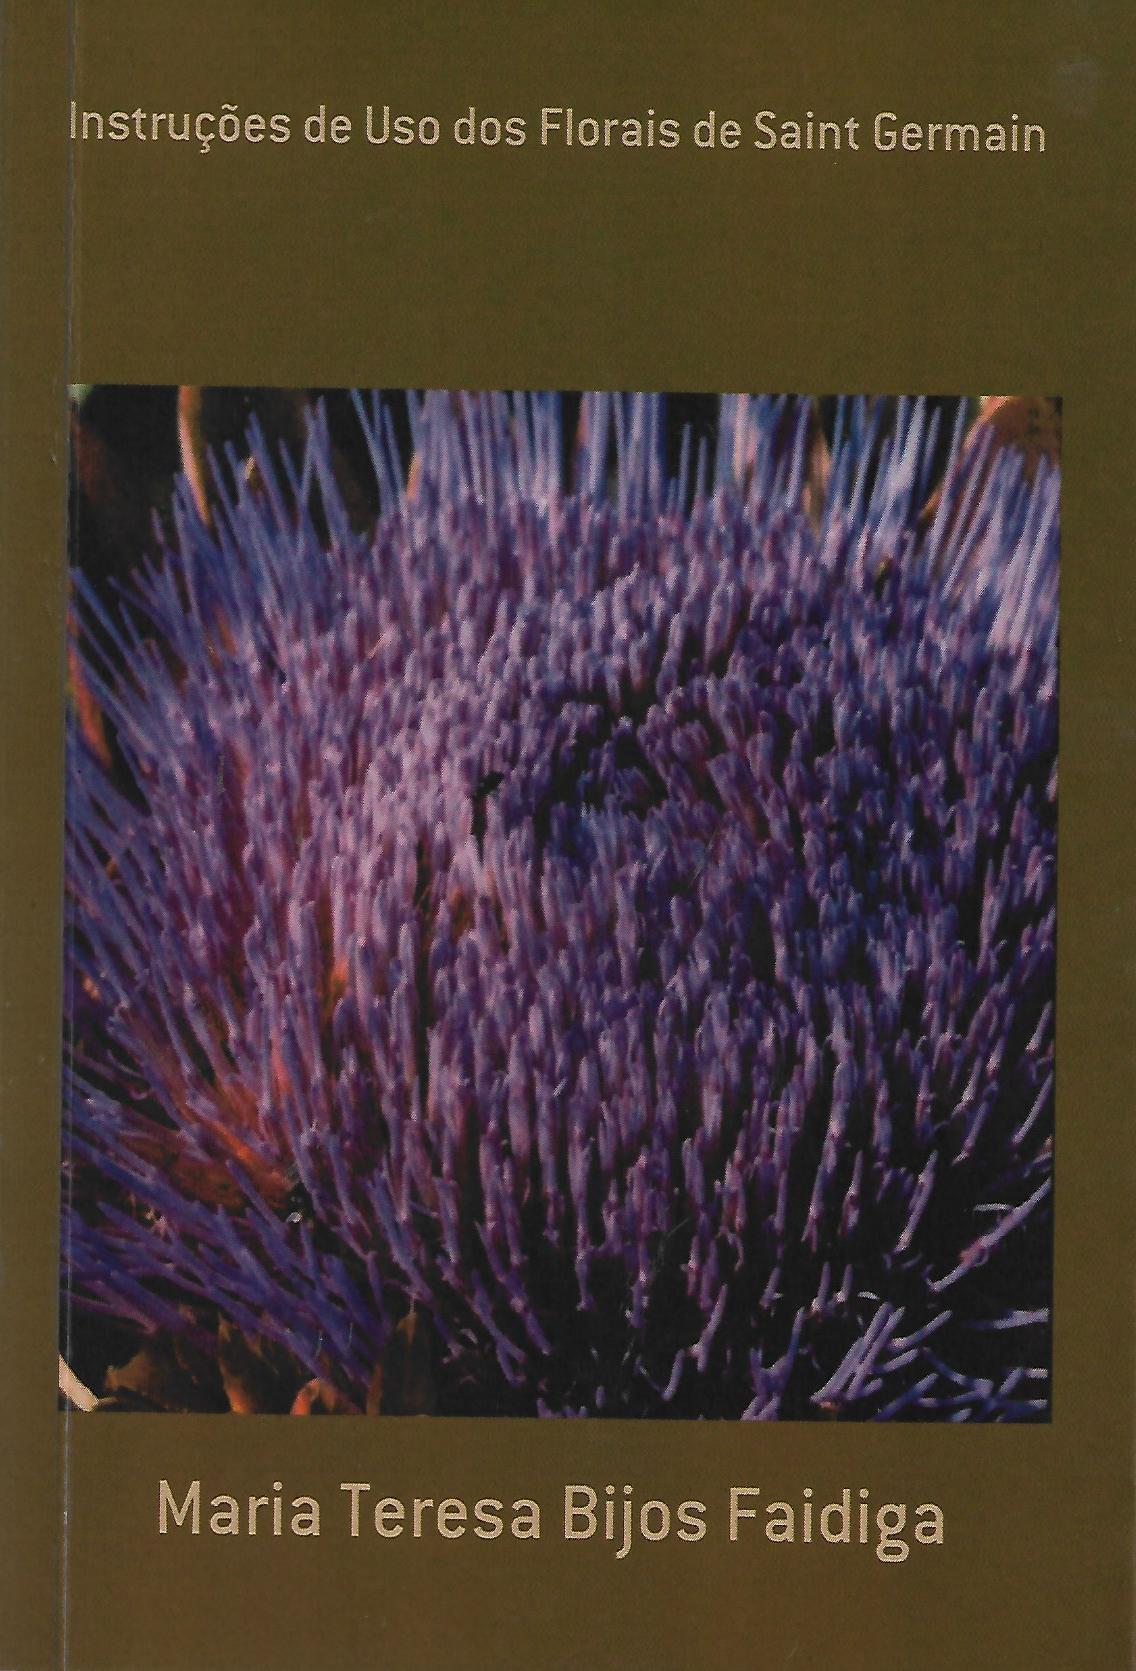 Livro Instruções de Uso dos Florais de Saint Germain - Maria Teresa Bijos Faidiga  - Floressência